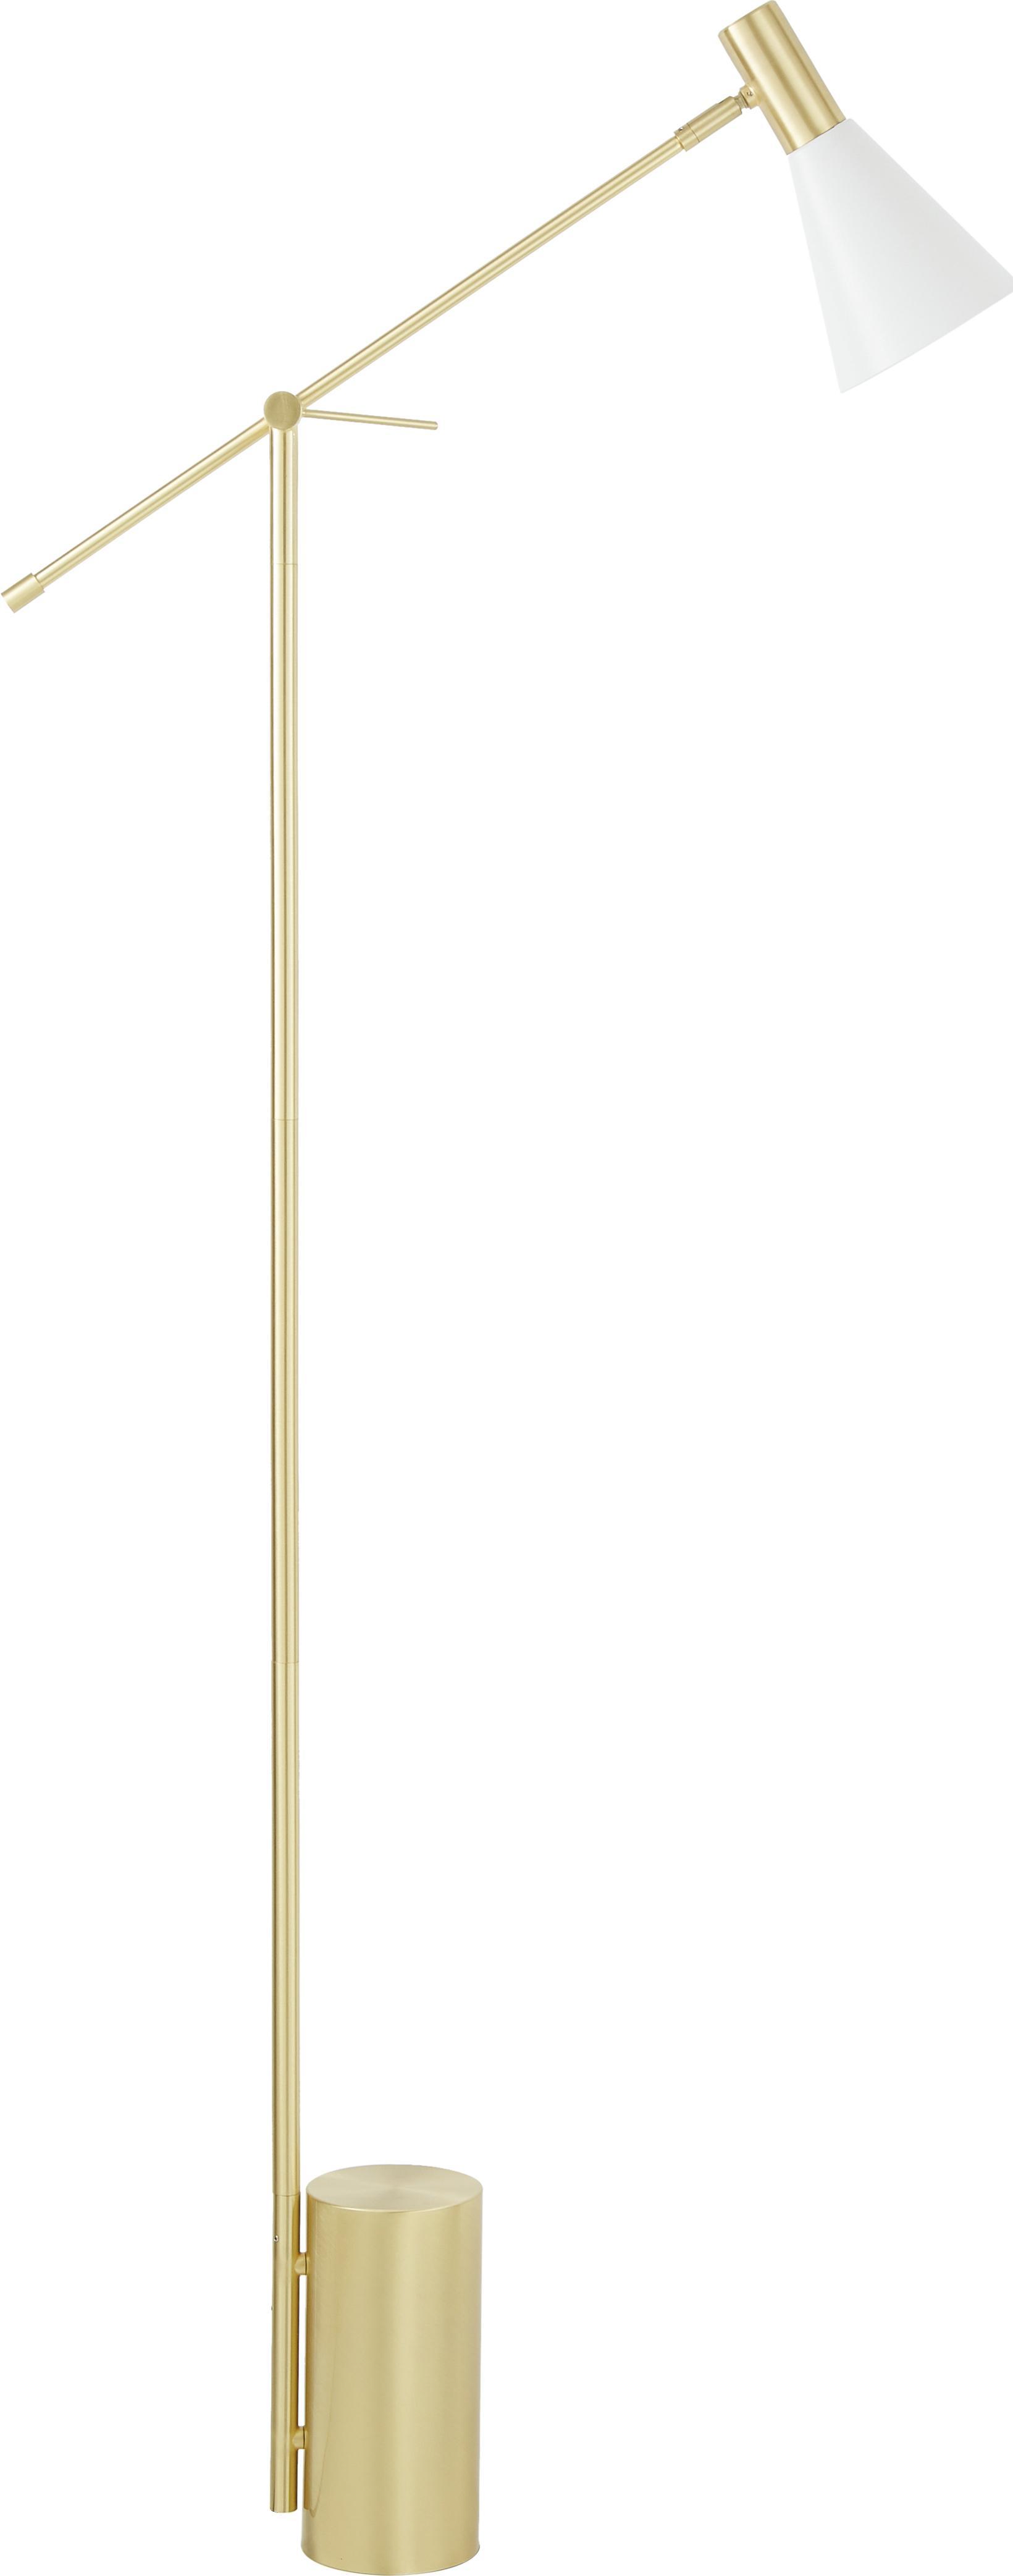 Stehlampe Sia, Lampenschirm: Metall, pulverbeschichtet, Lampenfuß: Metall, vermessingt, Weiß, Messingfarben, Ø 14 x H 162 cm